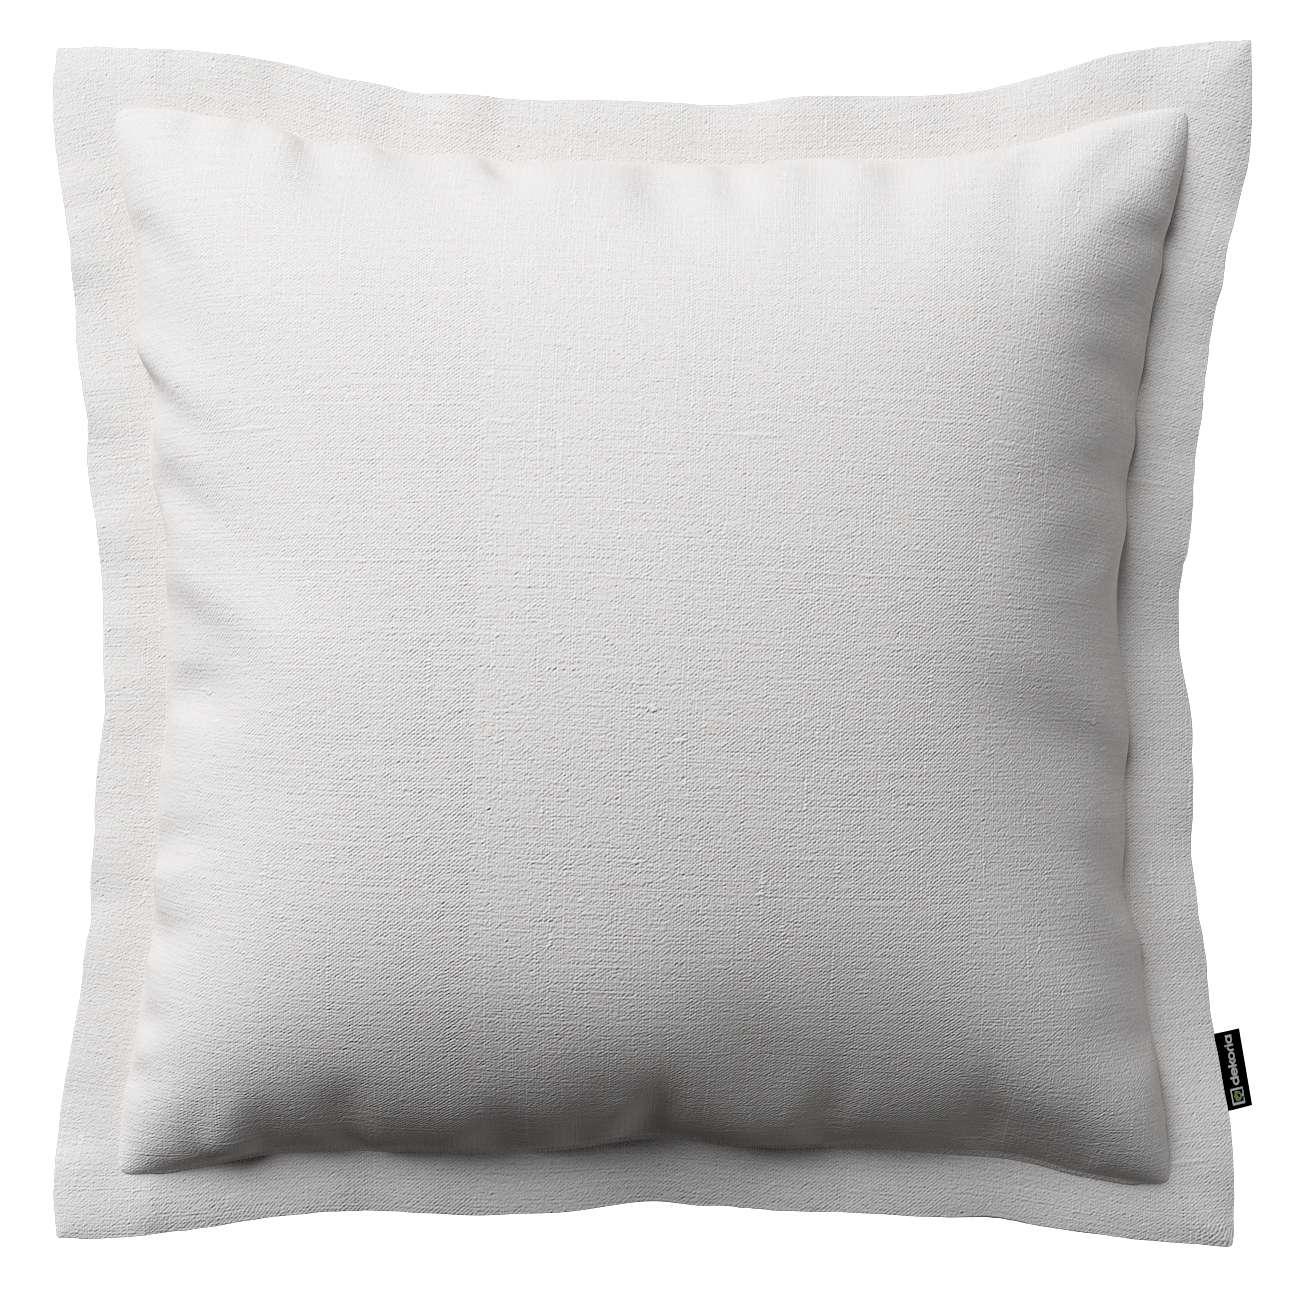 Mona dekoratyvinių pagalvėlių užvalkalas su sienele 38 x 38 cm kolekcijoje Linen , audinys: 392-04